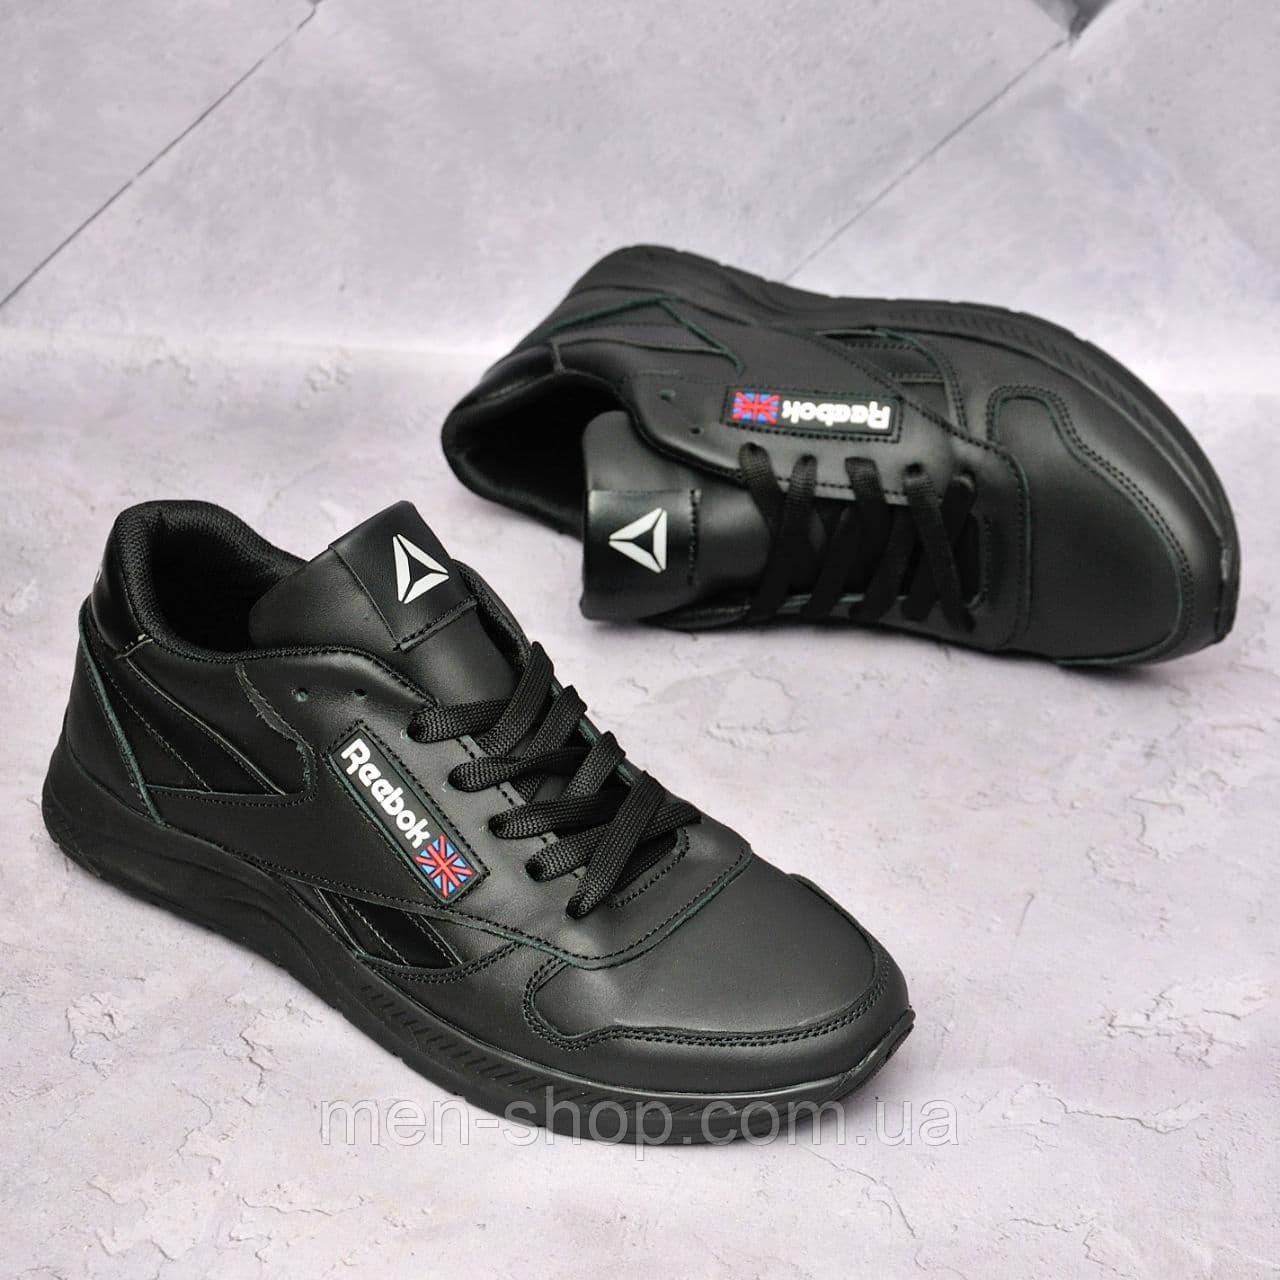 Чоловічі шкіряні кросівки Reebok Чорні